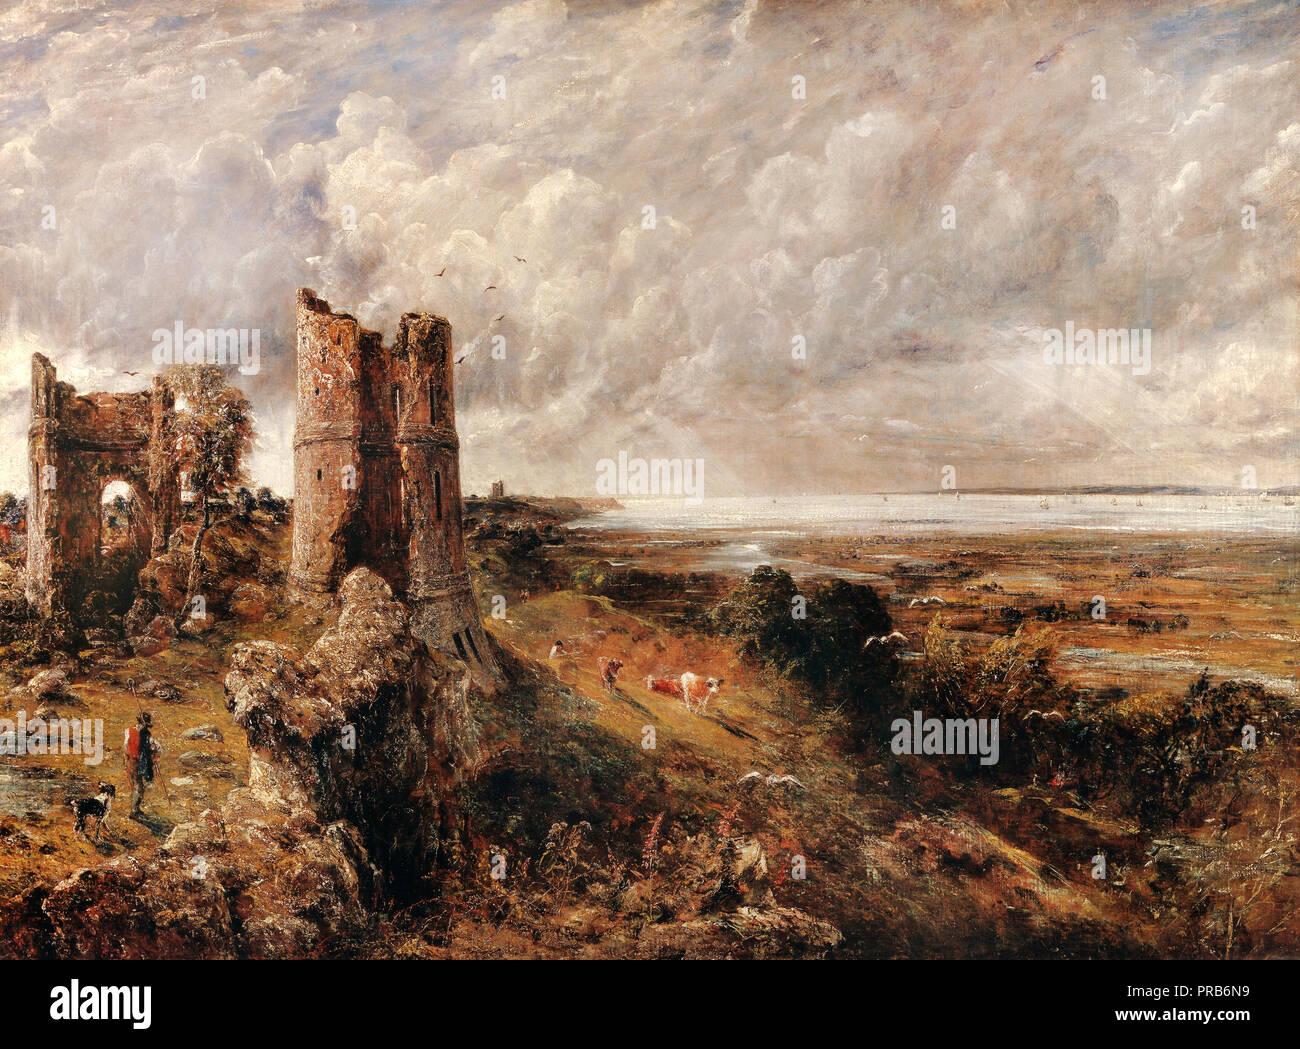 John Constable, Hadleigh Castle, der Mündung der Themse am Morgen nach einer stürmischen Nacht, 1829, Öl auf Leinwand, Yale Center für British Art, New Haven, USA Stockbild